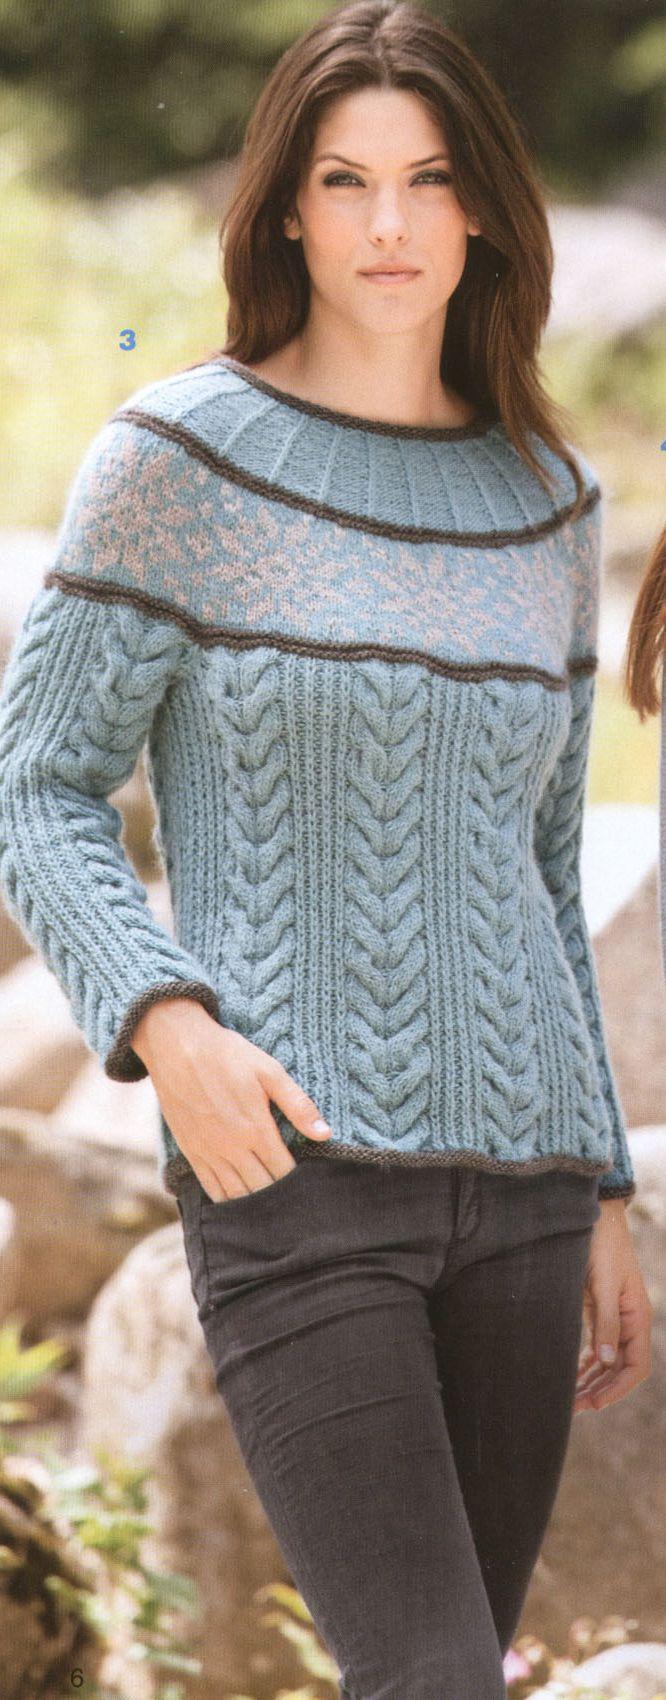 Вязаные свитера спицами женские схемы, описание и видео 35